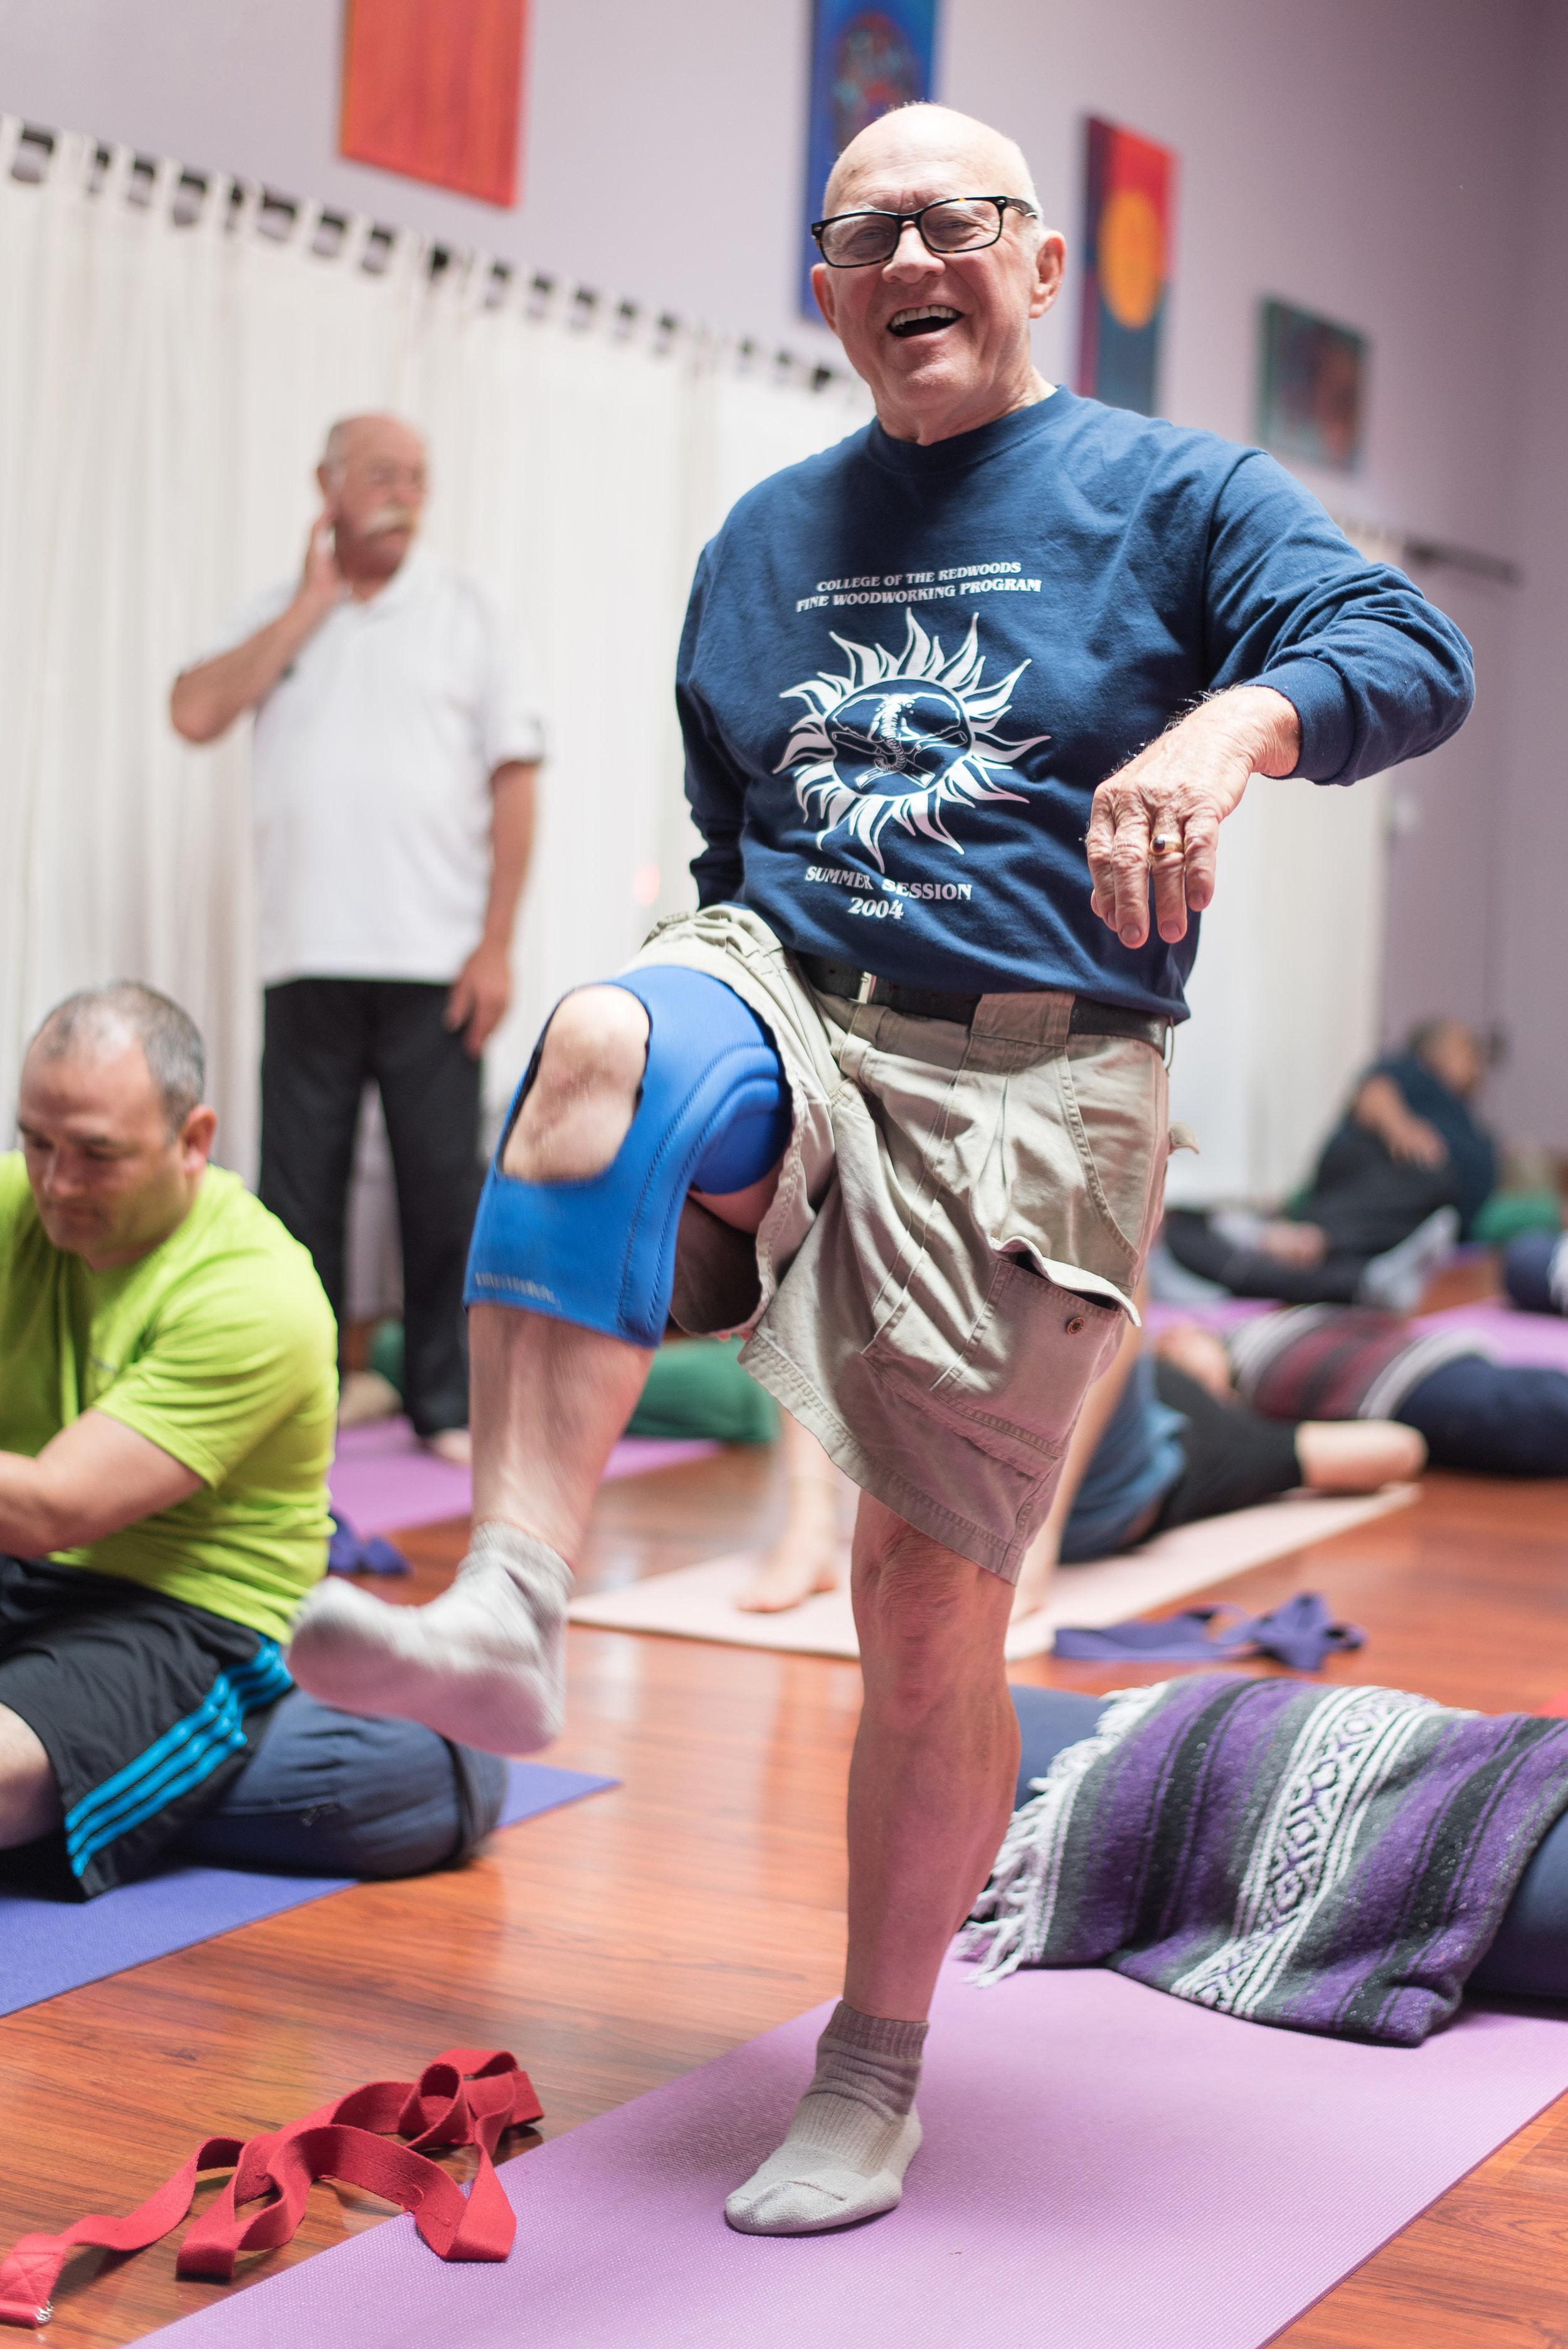 Yoga for Veterans